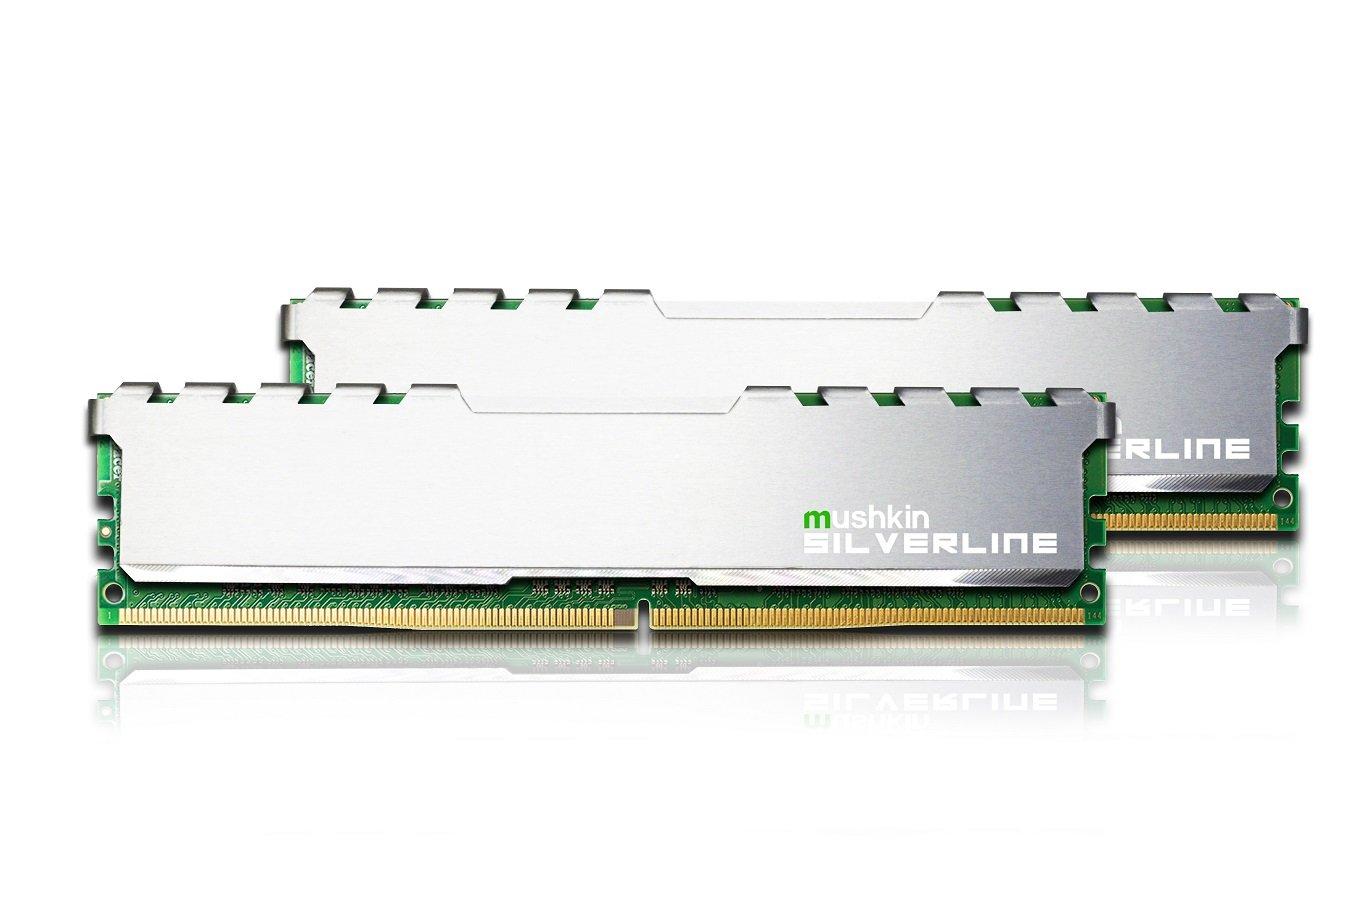 Memoria Ram 32gb Mushkin Silverline Series  Ddr4 Dram  (2x16gb) Kit Dimm  2133mhz (pc4-17000) Cl-15  288-pin